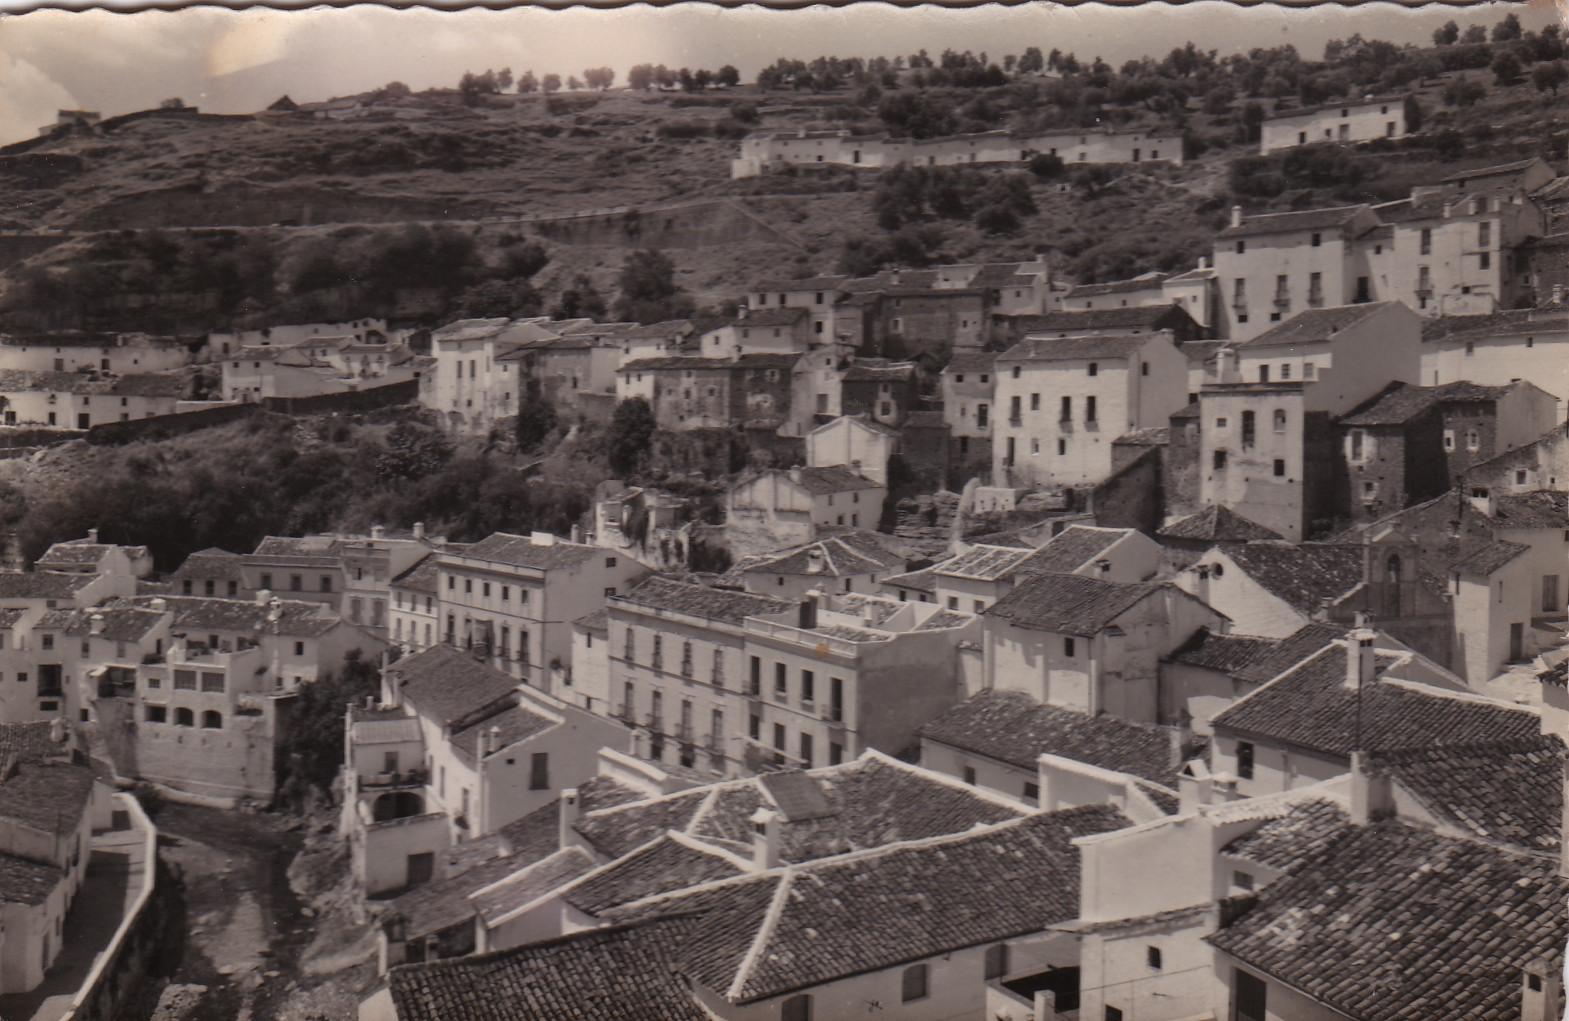 Imagen de Setenil desde El Lizón. Publicada en 1968 por Editorial Aribas